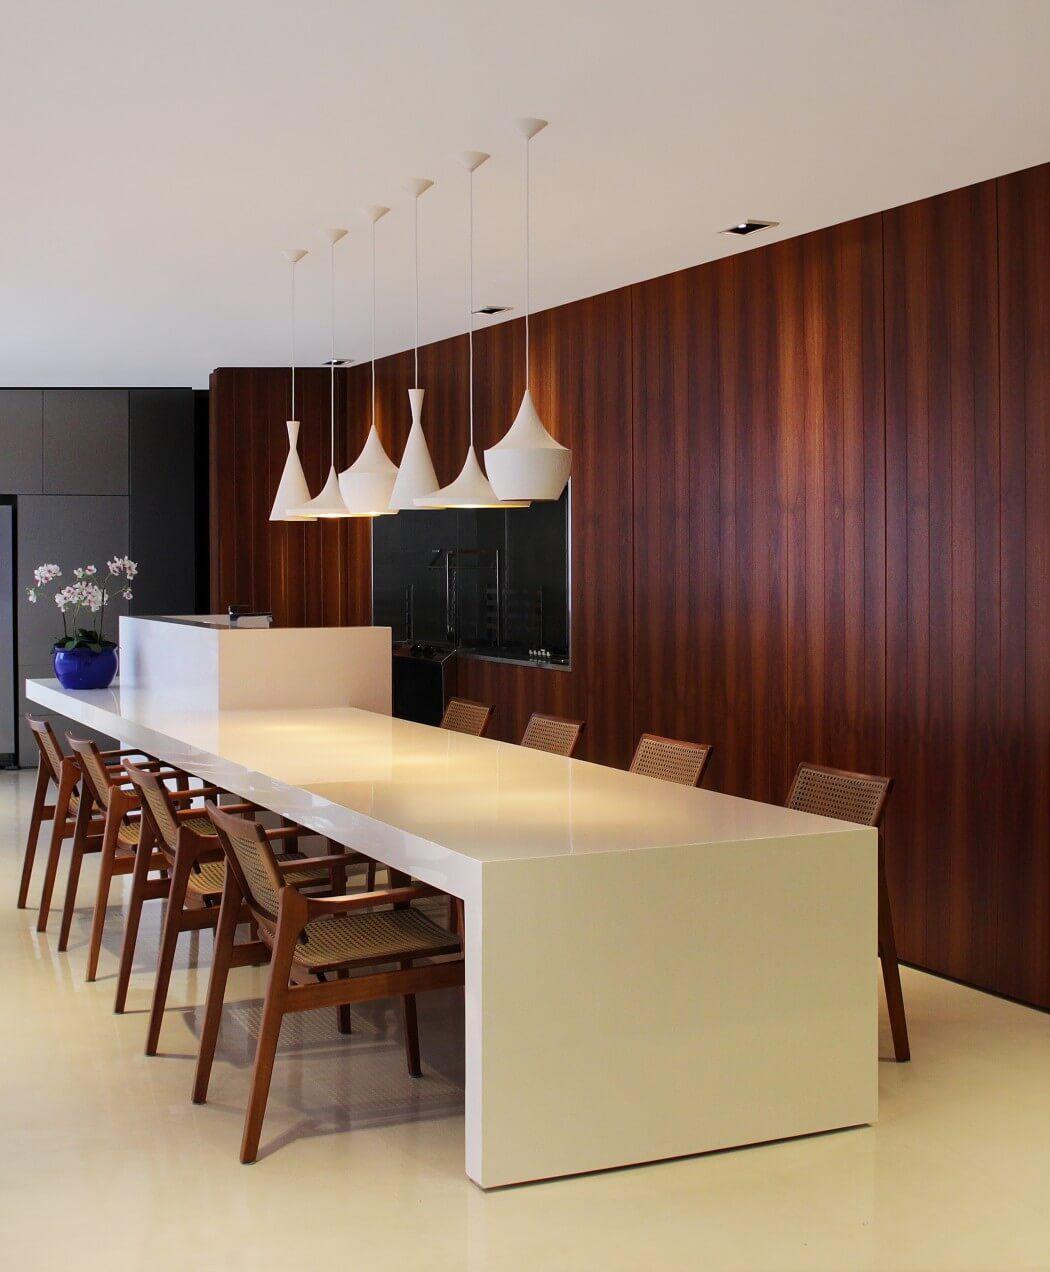 Sjz house by ziz arquitetura comedores interiores y for Comedores para el hogar